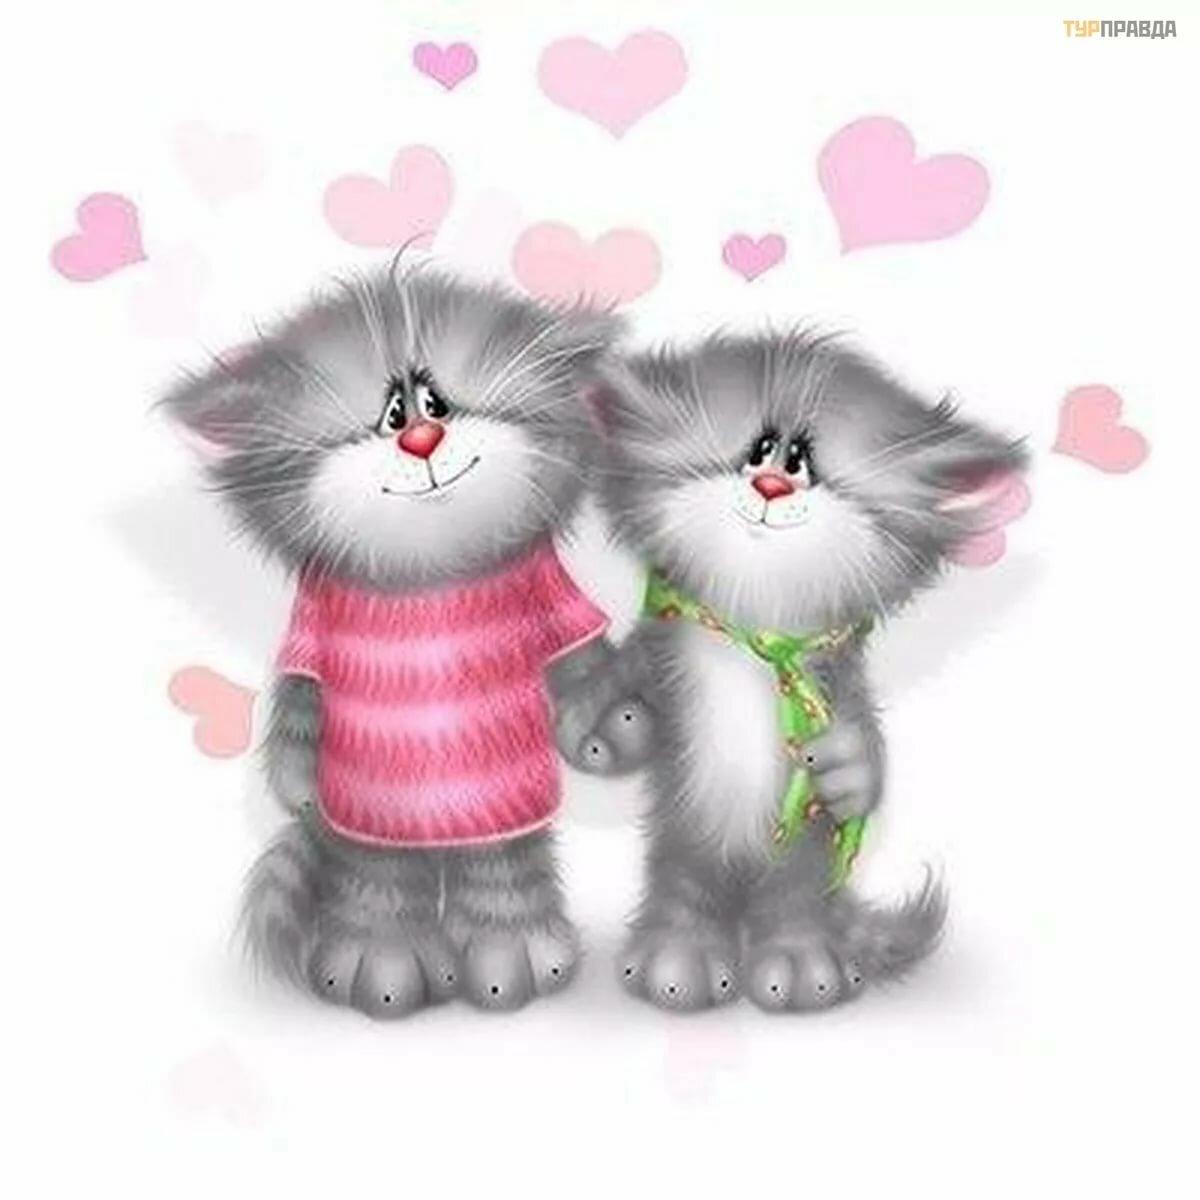 Поздравления, открытки с котиками любимому